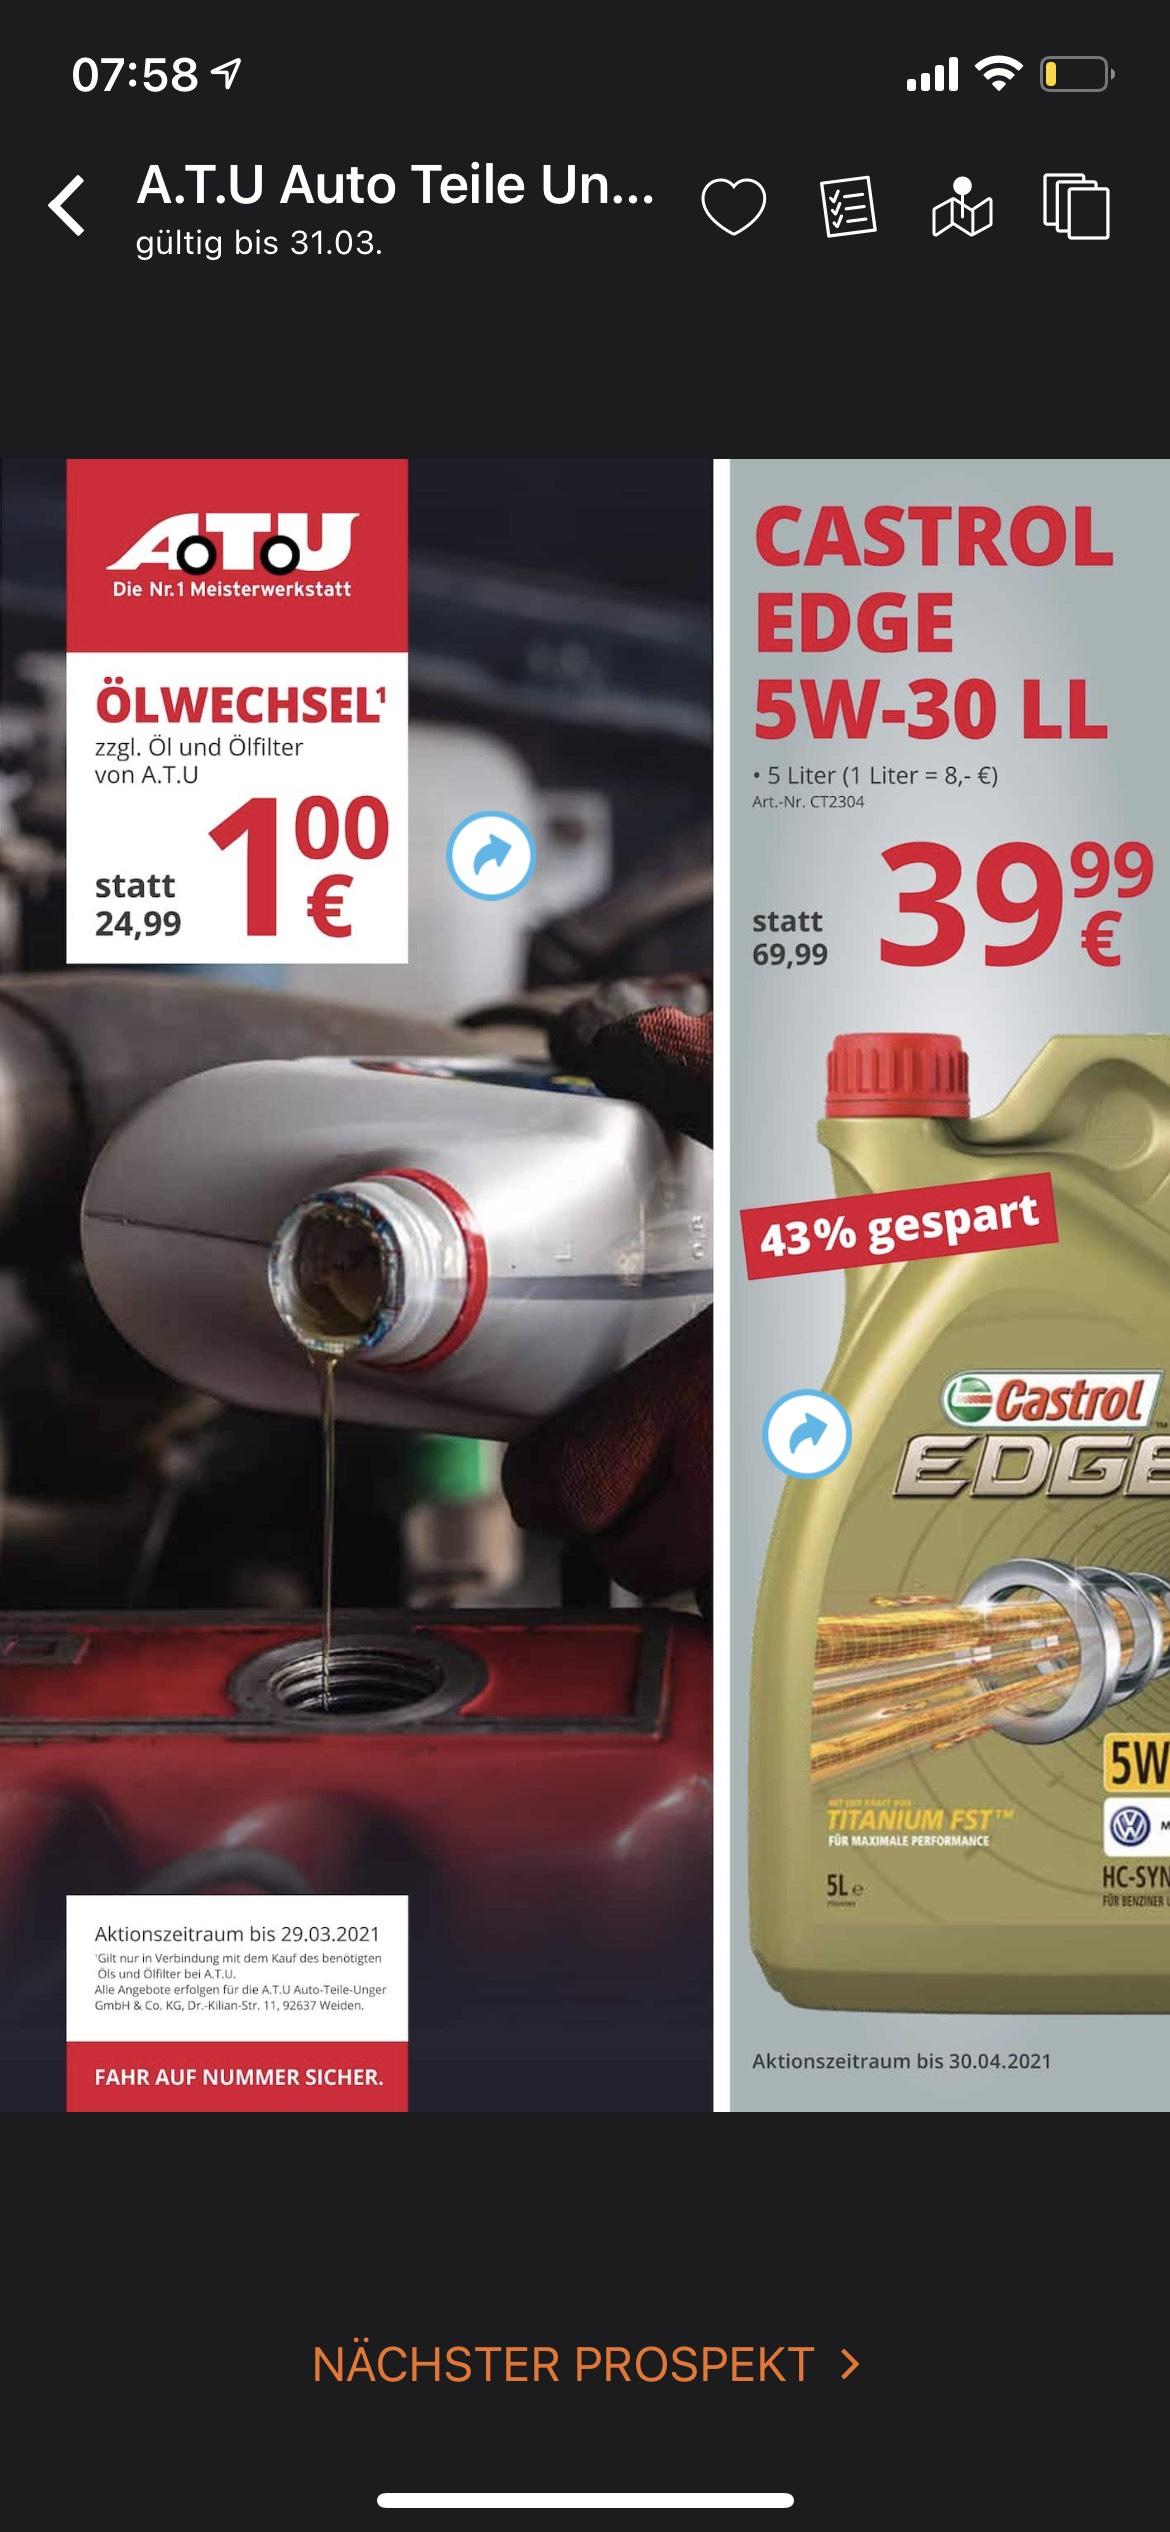 Ölwechsel und Castrol Edge 5w30 LL